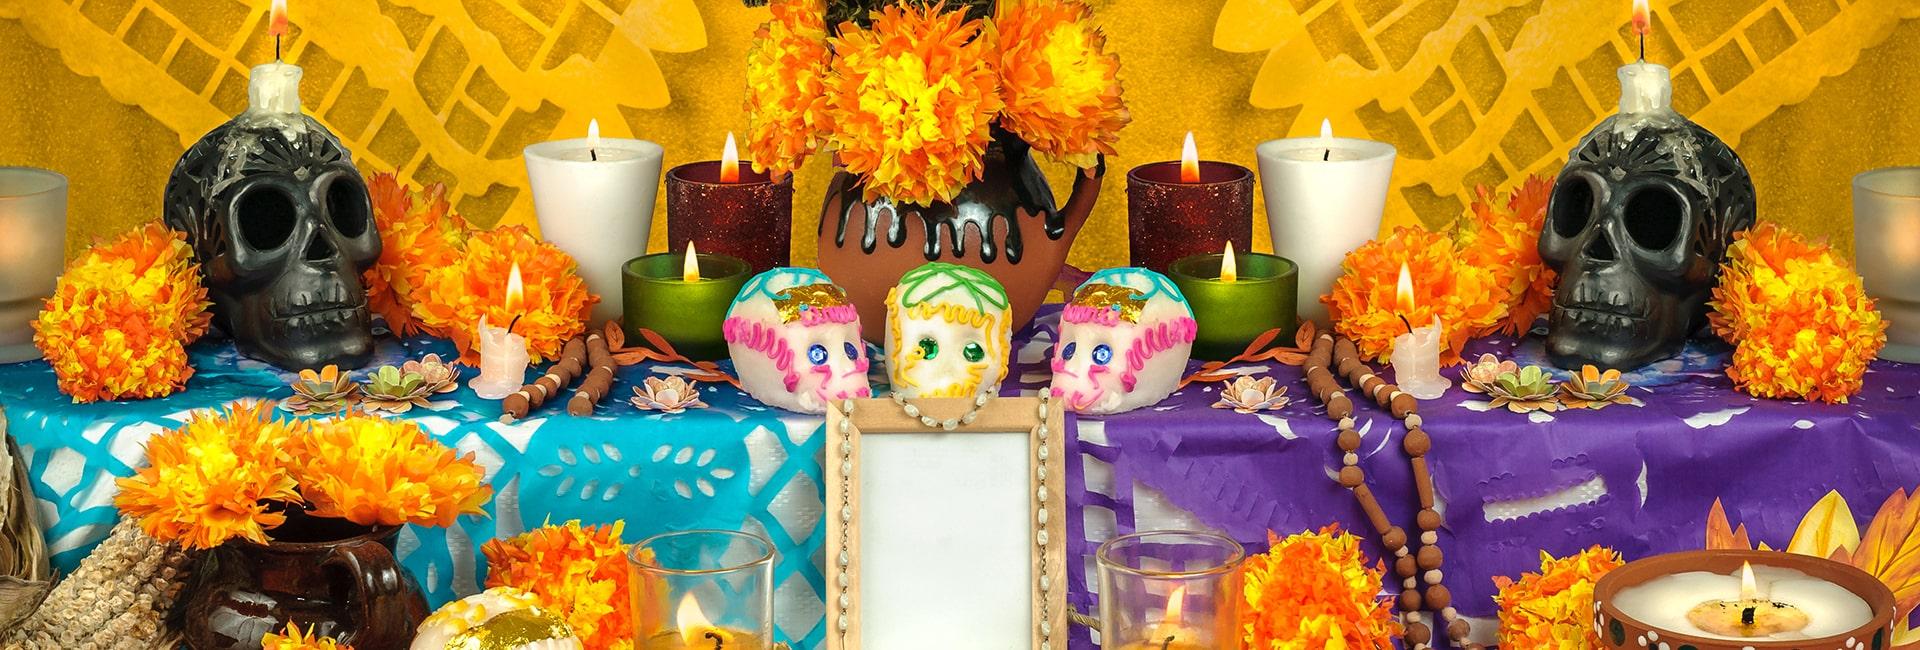 Optimizada day of the dead altar ideas